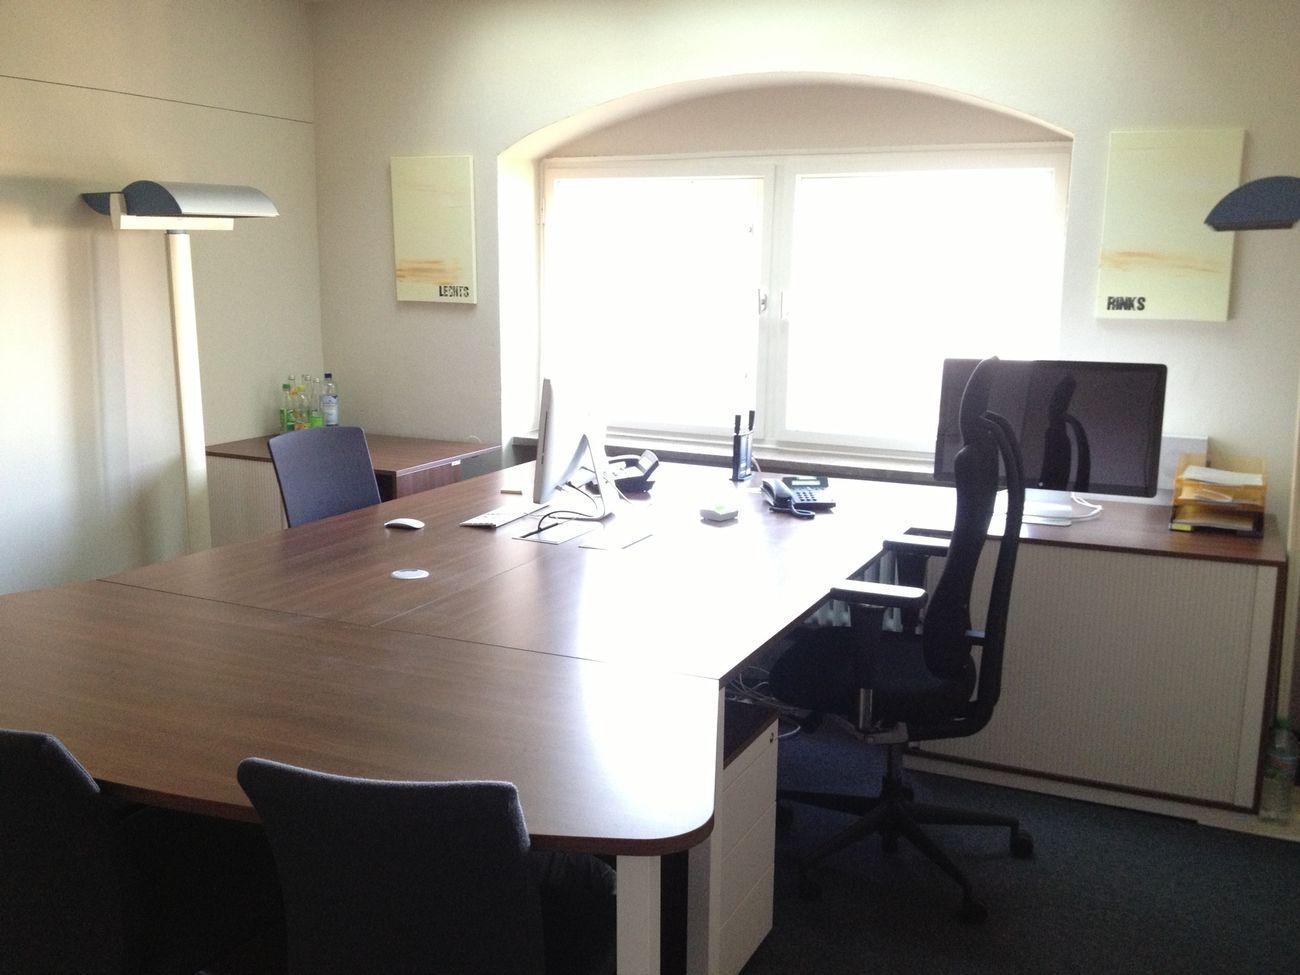 Seit gut einem Jahr sah das Büro nicht mehr so aufgeräumt aus :)